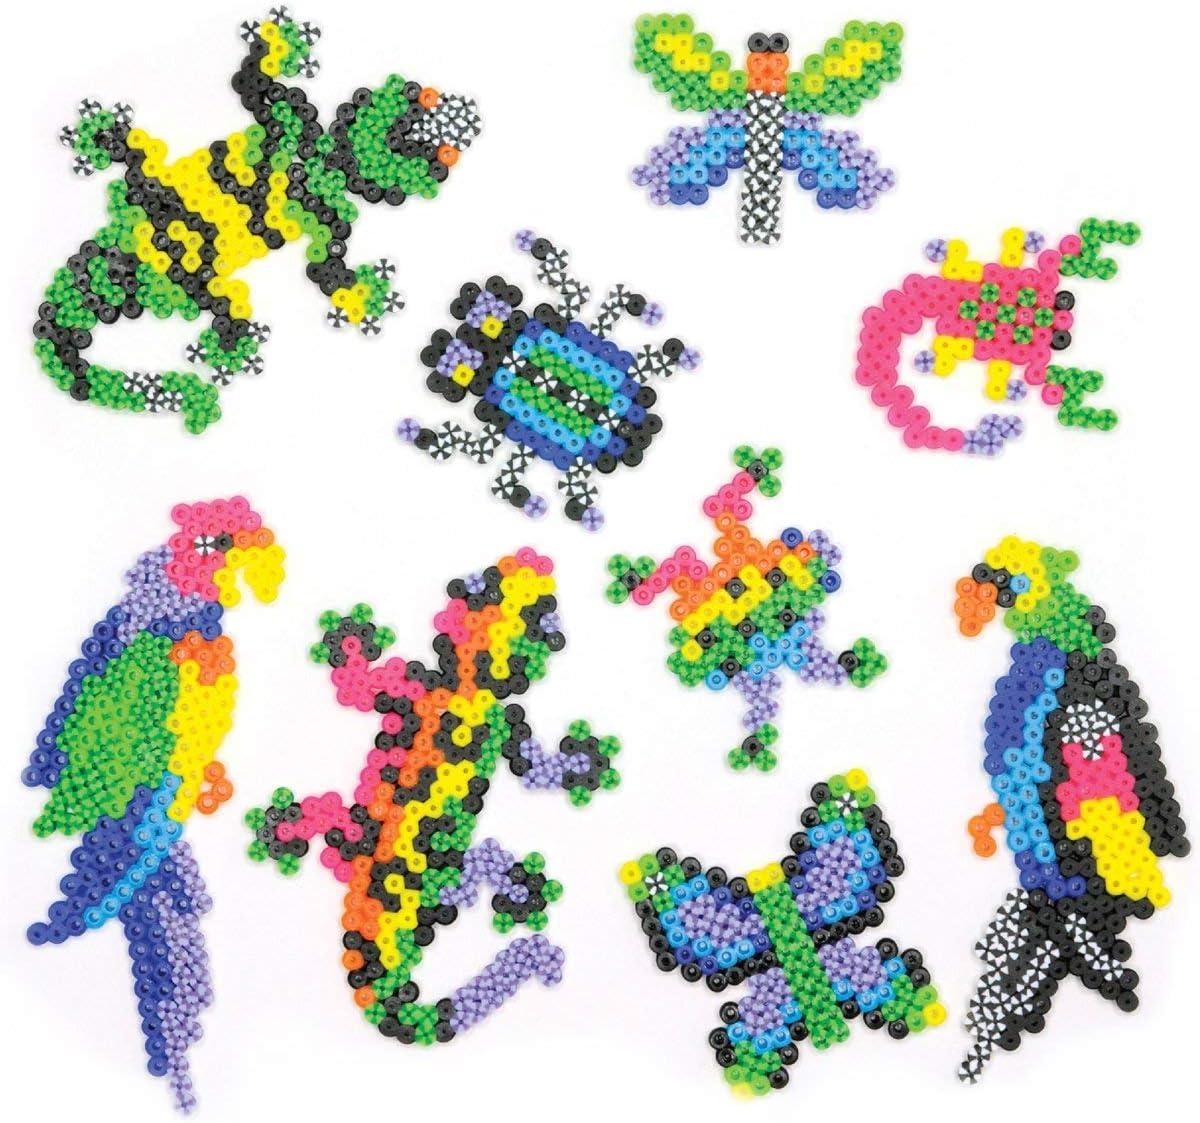 2005 pcs Perler Beads Rare Bugs and Birds Jungle Animal Craft Activity Kit